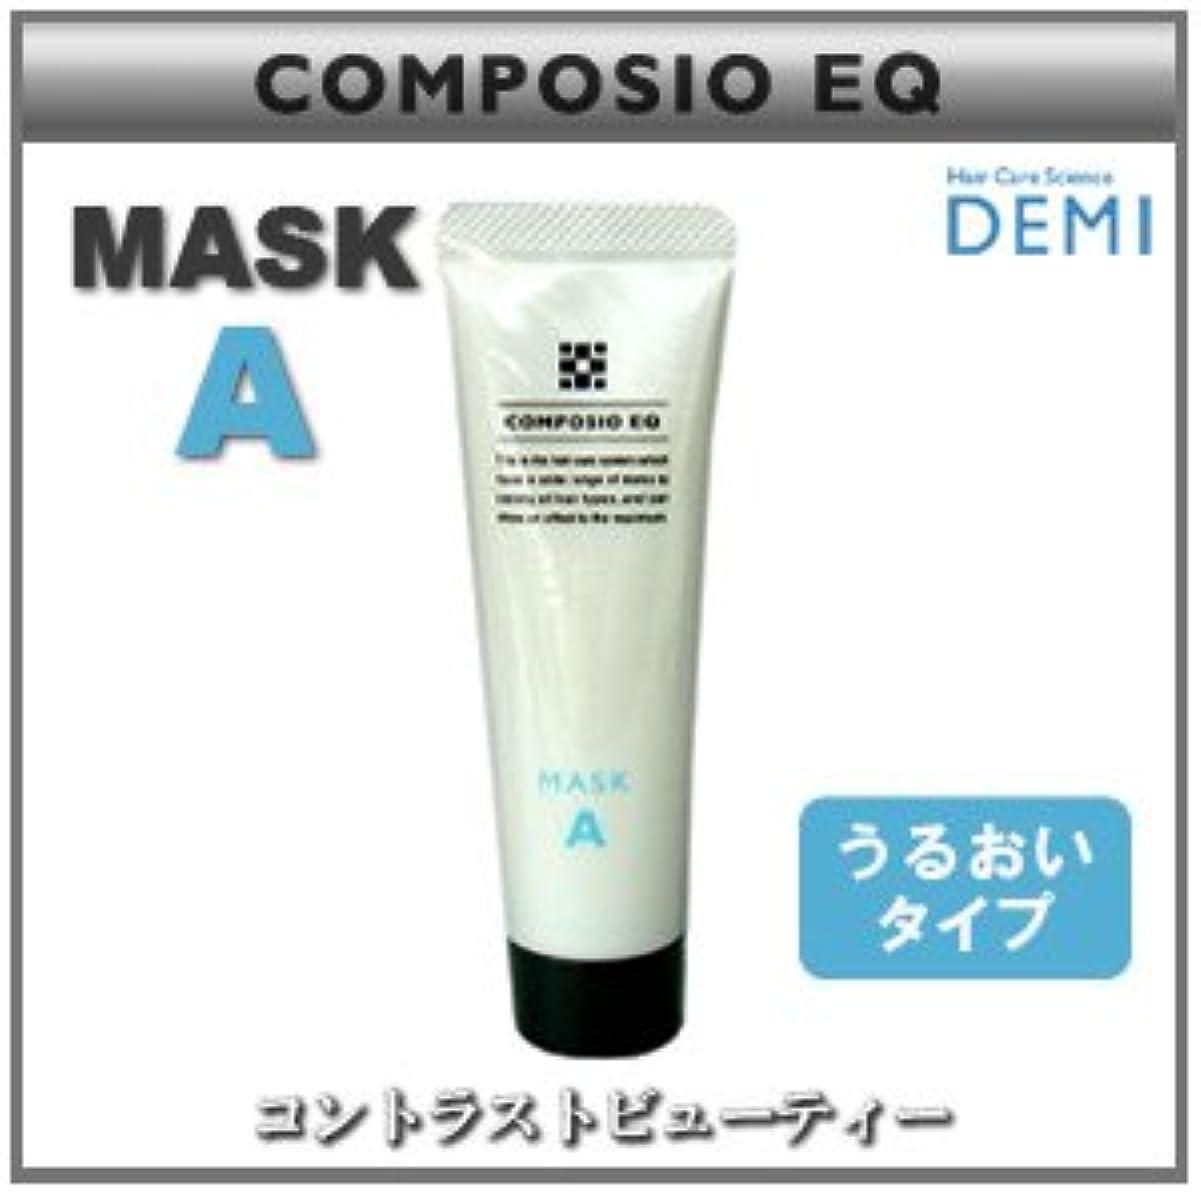 ベテラン中間鎮静剤【X2個セット】 デミ コンポジオ EQ マスク A 50g